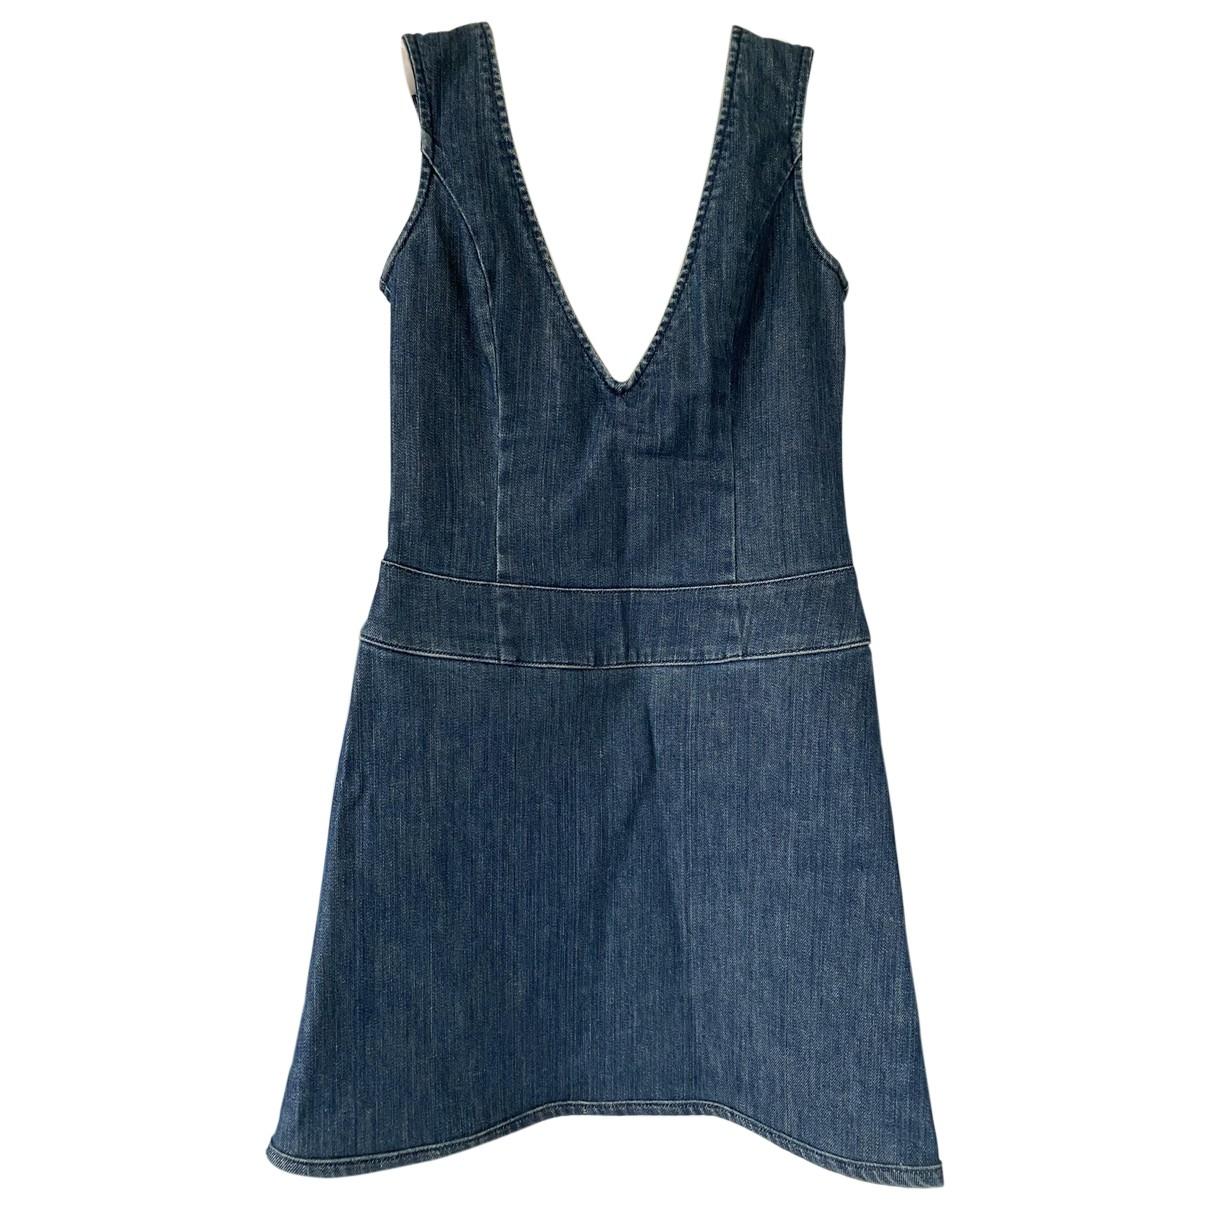 Versace Jeans \N Blue Denim - Jeans dress for Women 42 IT